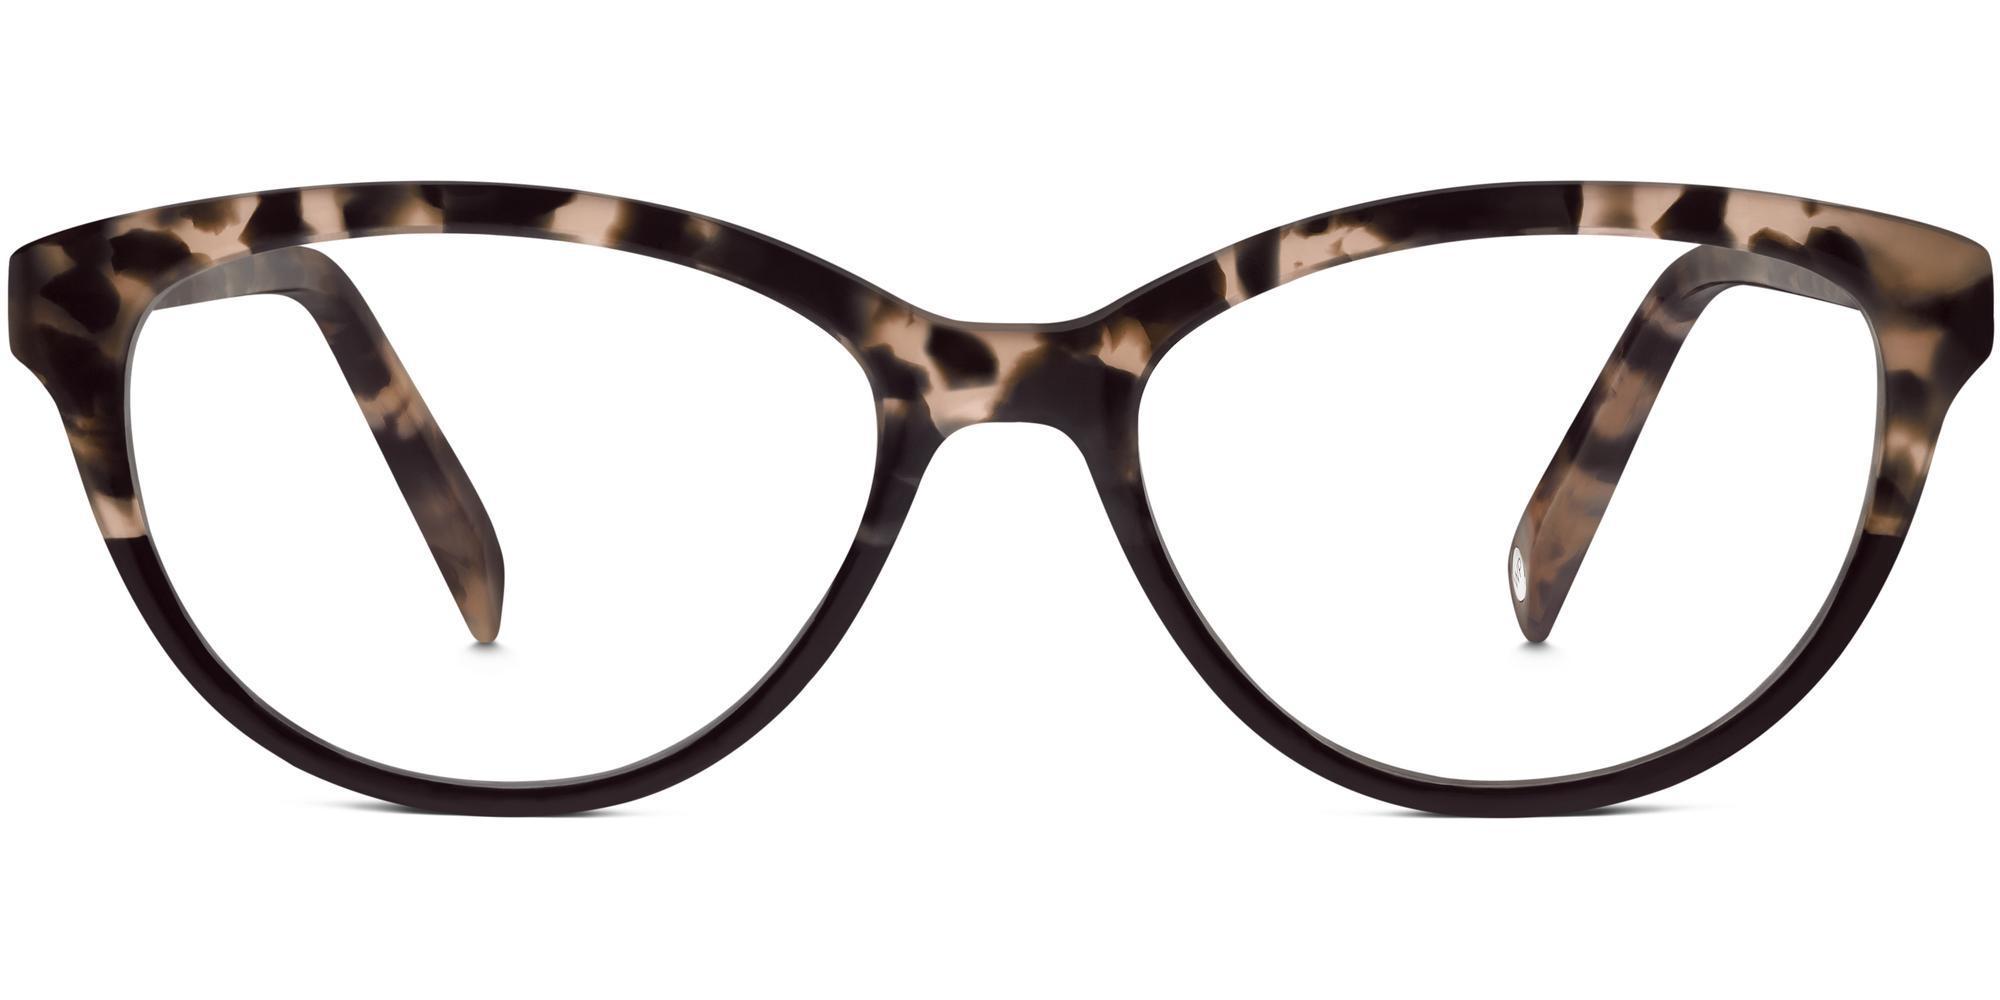 Lyst - Warby Parker Millie Eyeglasses in Brown